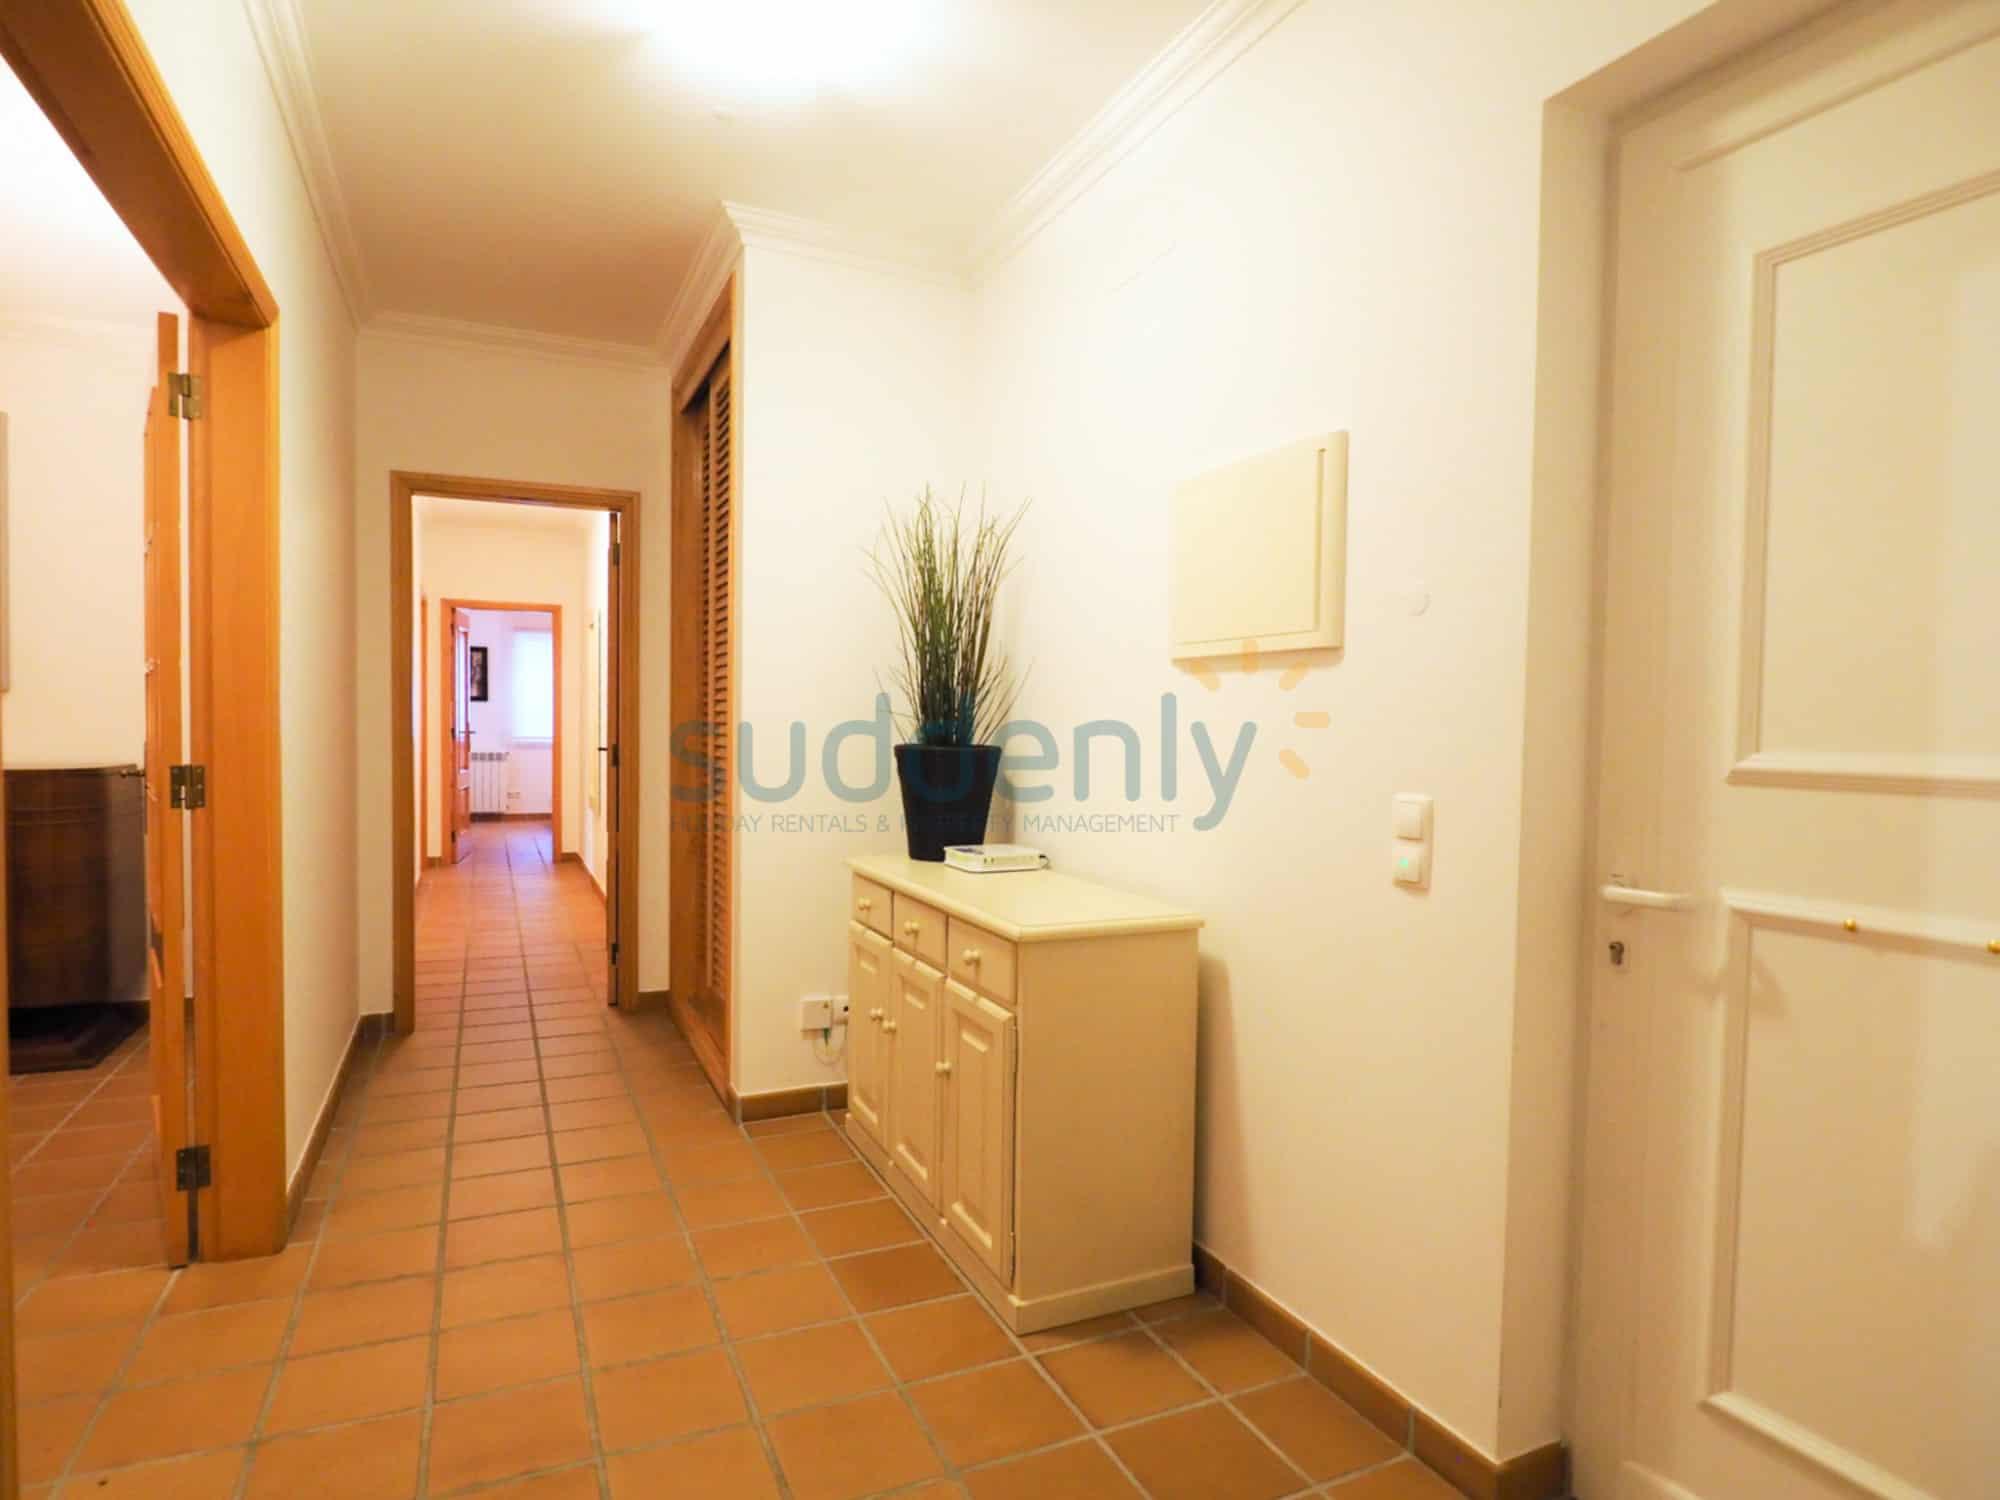 Accommodation 366